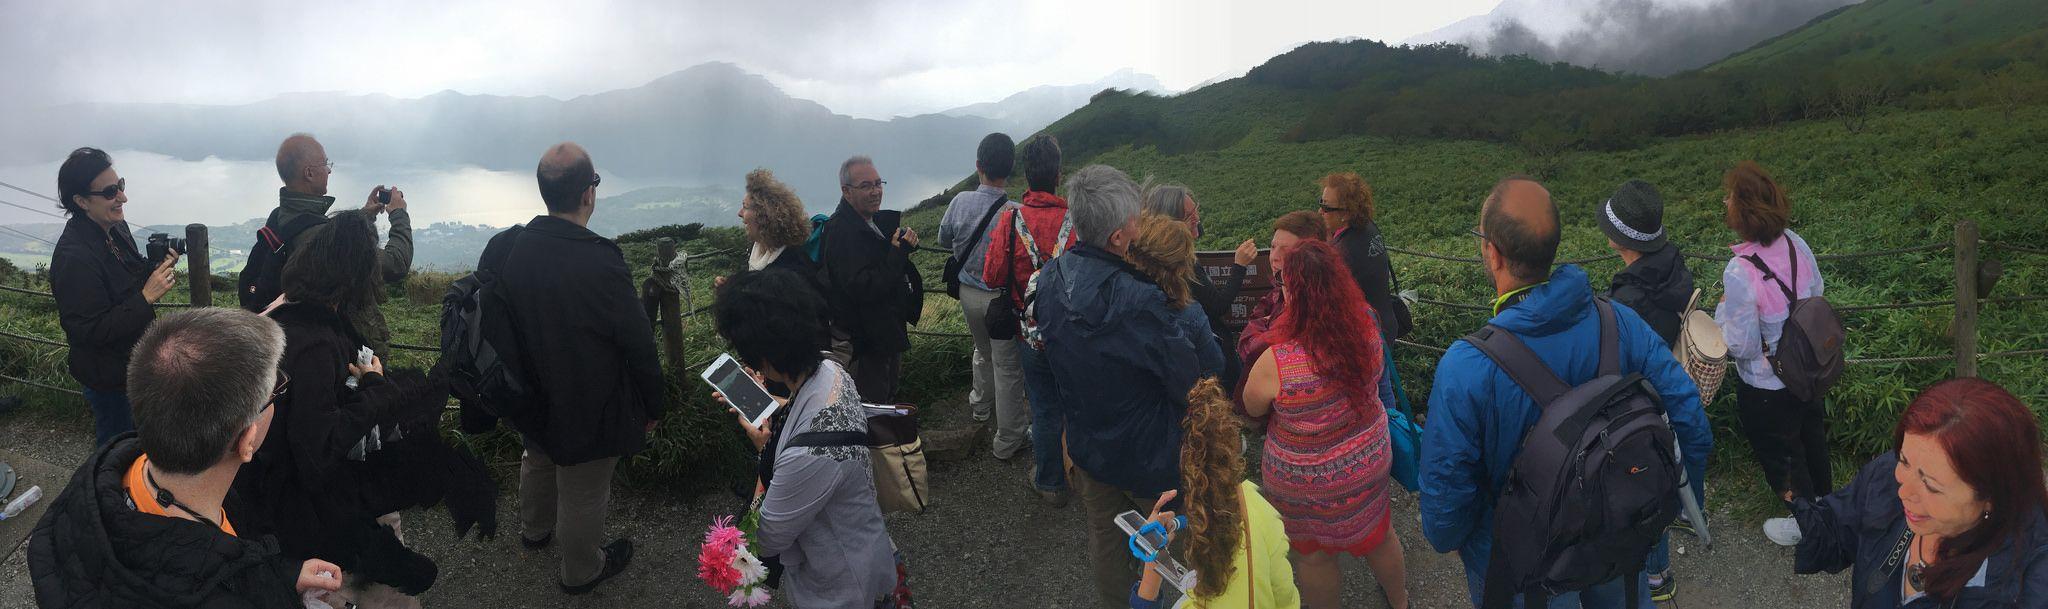 #Viaje a #Japón #PERIPLOS Octubre 2016 - En la cima del Monte Komagatake